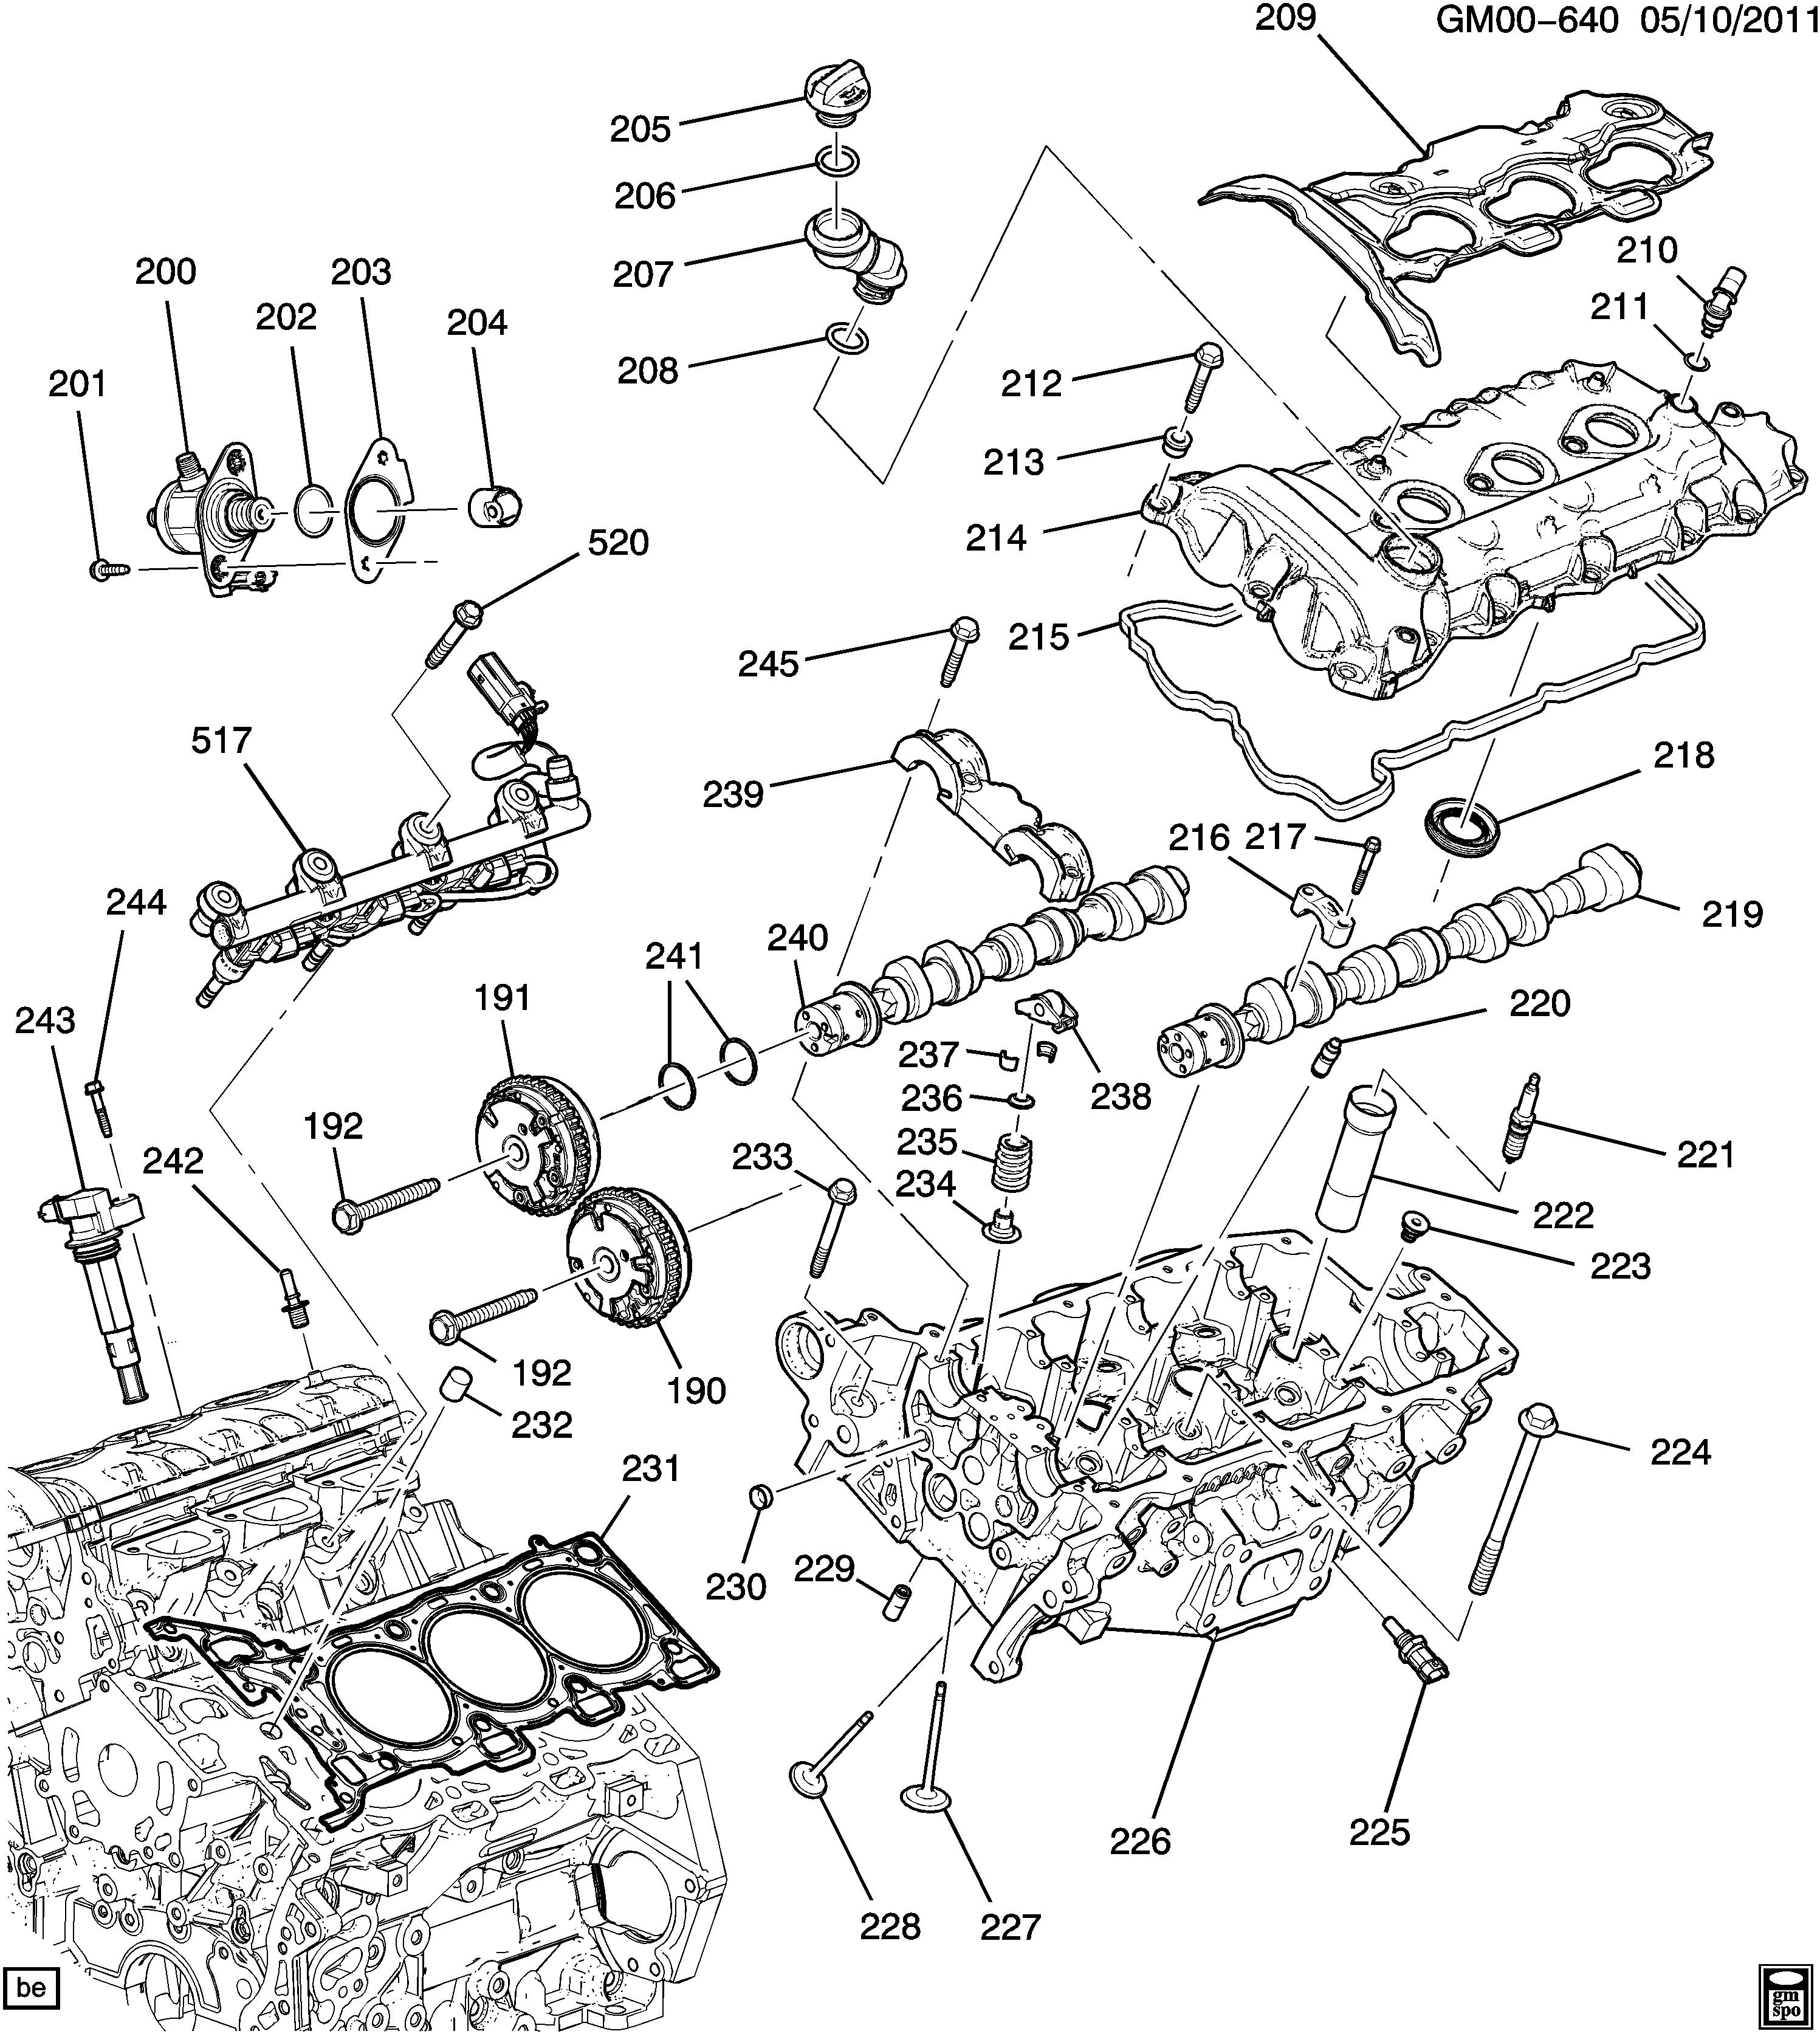 Cadillac Srx V6 Engine Diagram Wiring Diagram Var Wait Unique Wait Unique Viblock It